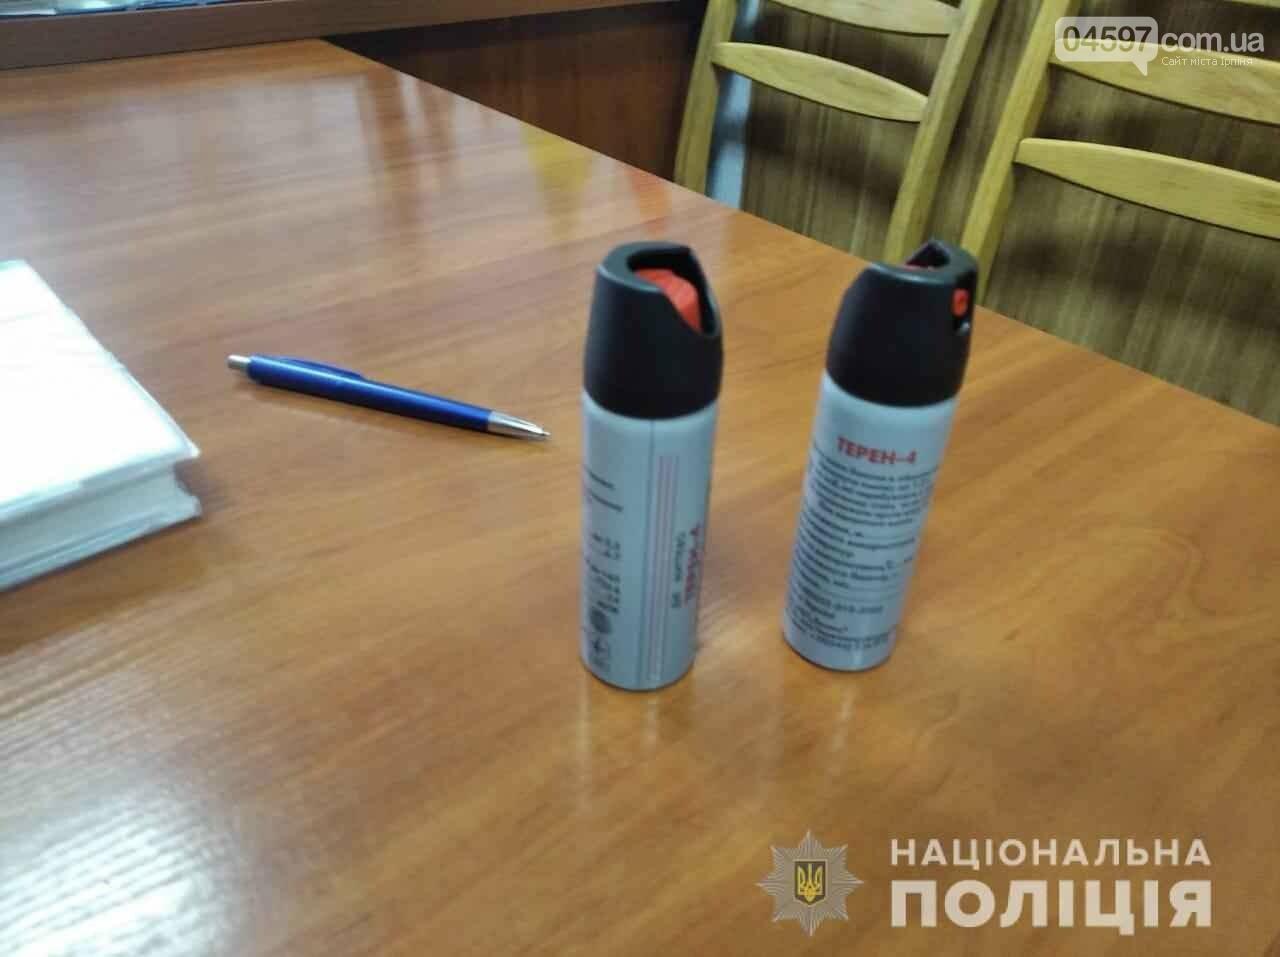 У Бучі учні в школі з'ясовували відносини з допомогою газових балончиків, фото-2